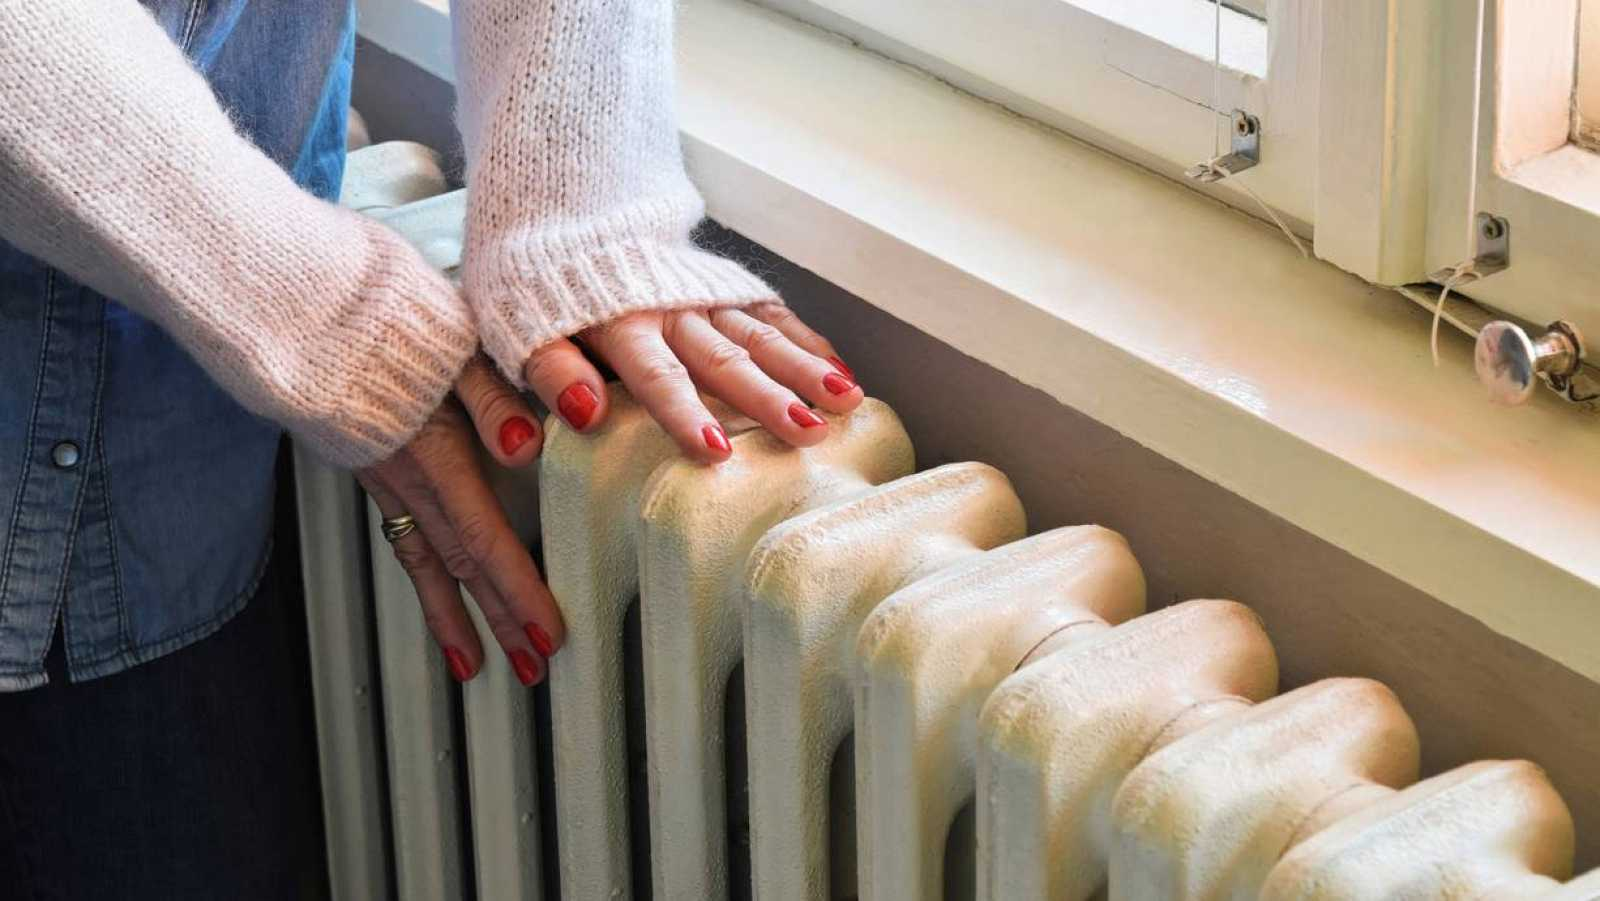 """14 horas - La calefacción, de adorno: """"No podemos pagar la factura"""" - Escuchar ahora"""